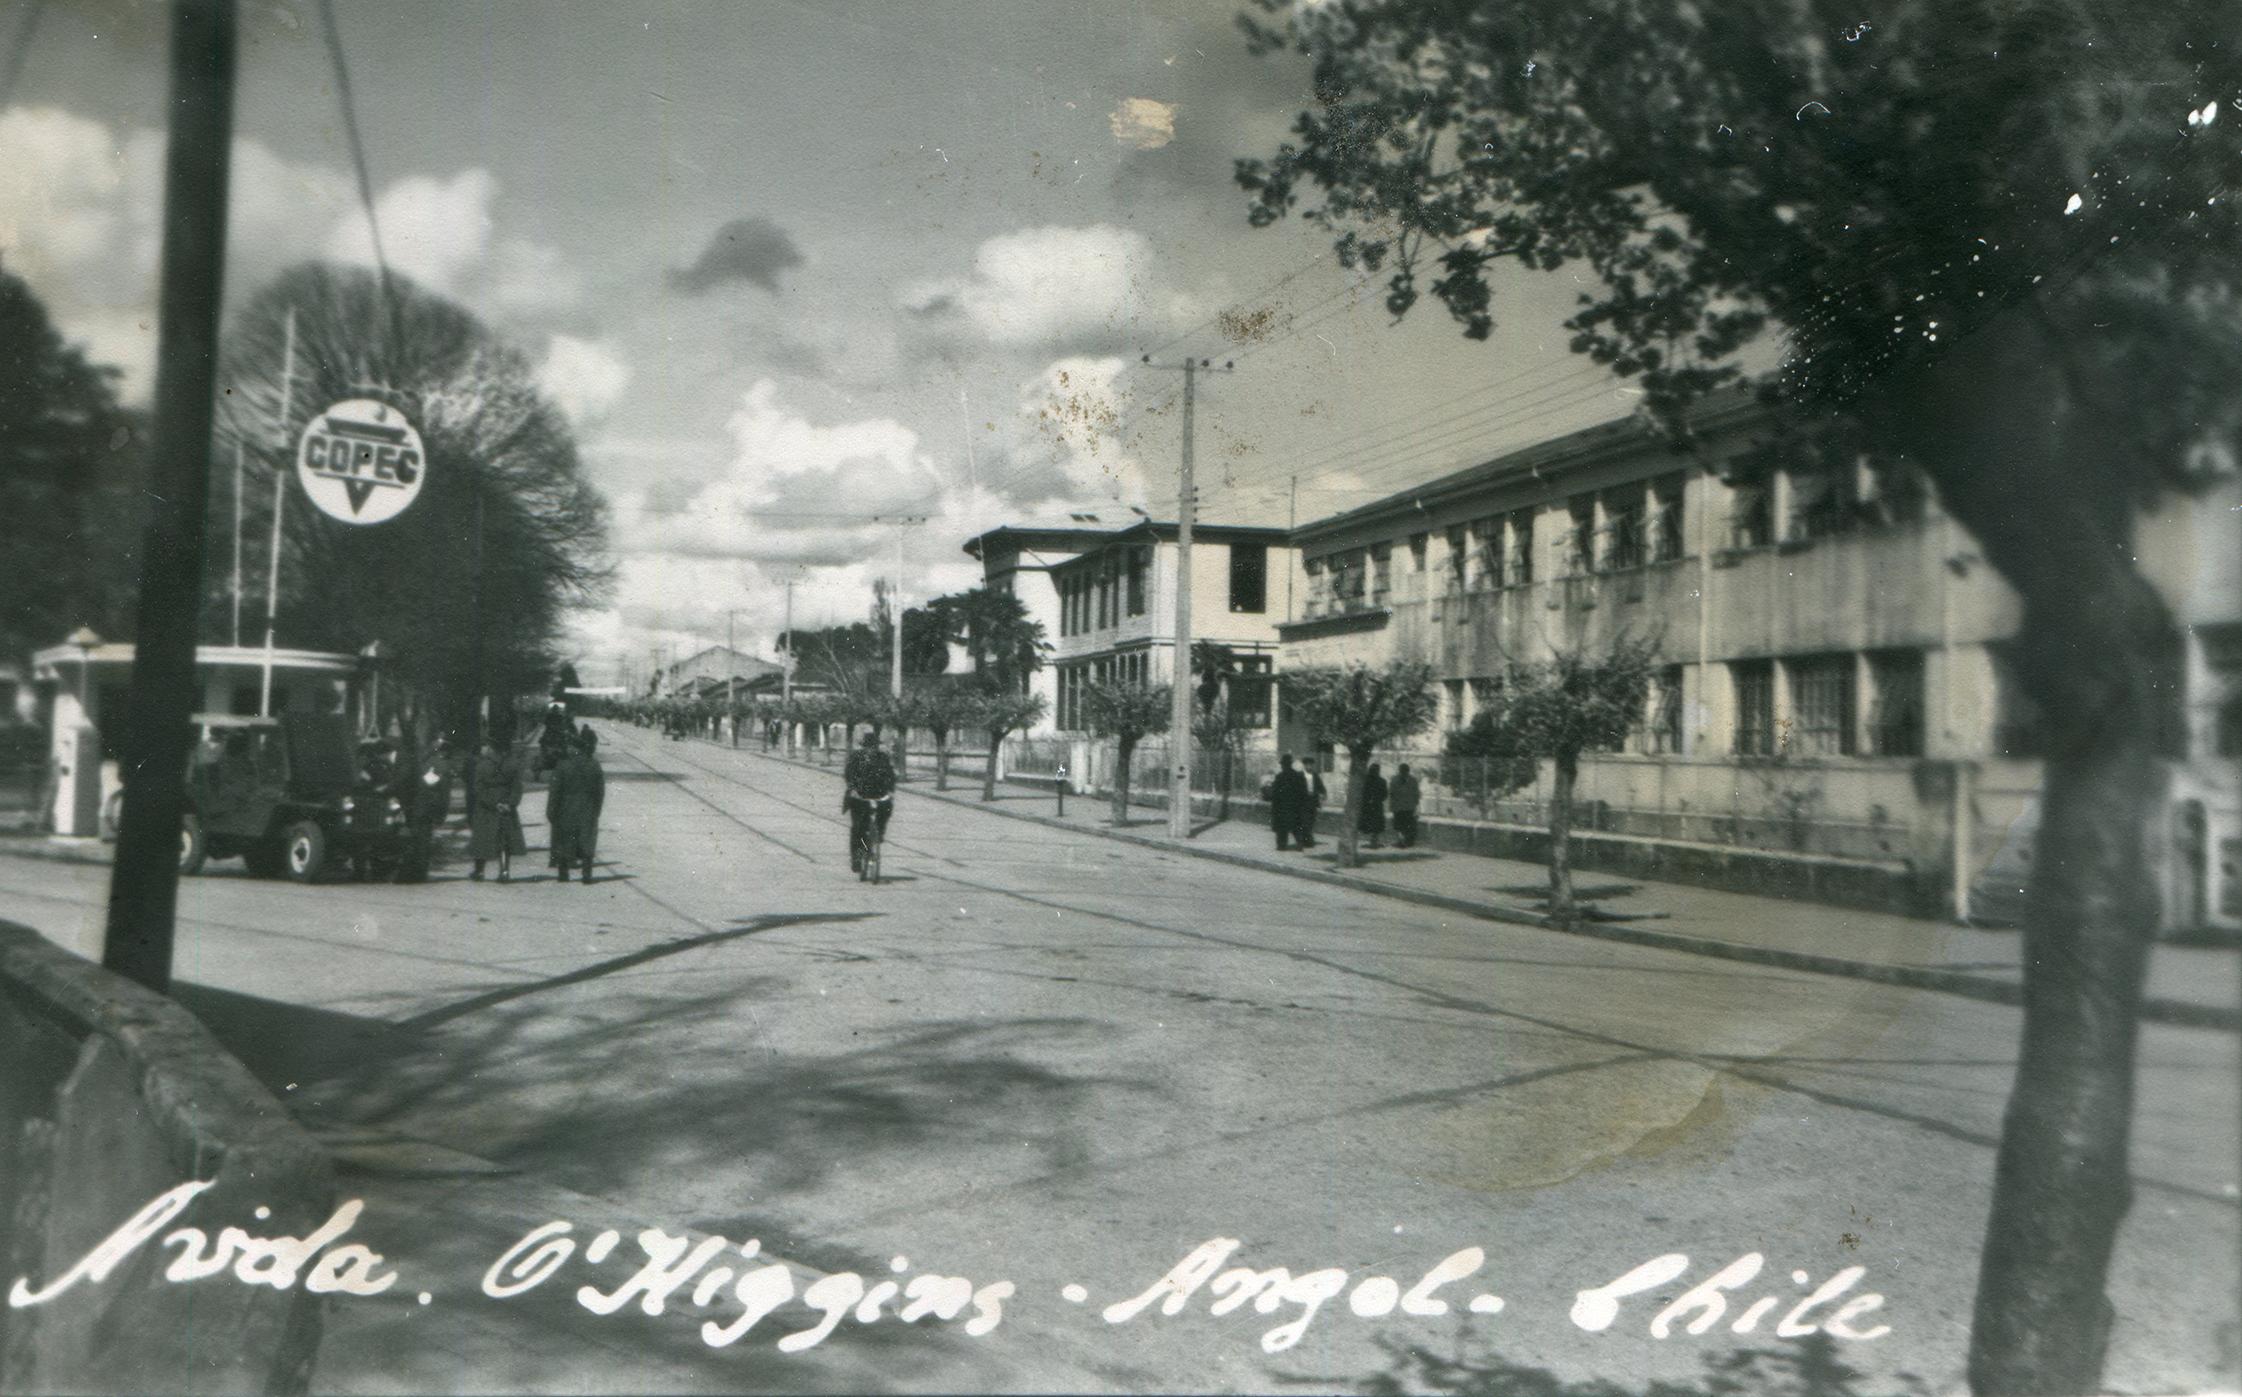 Enterreno - Fotos históricas de chile - fotos antiguas de Chile - Copec de Angol, años 50s